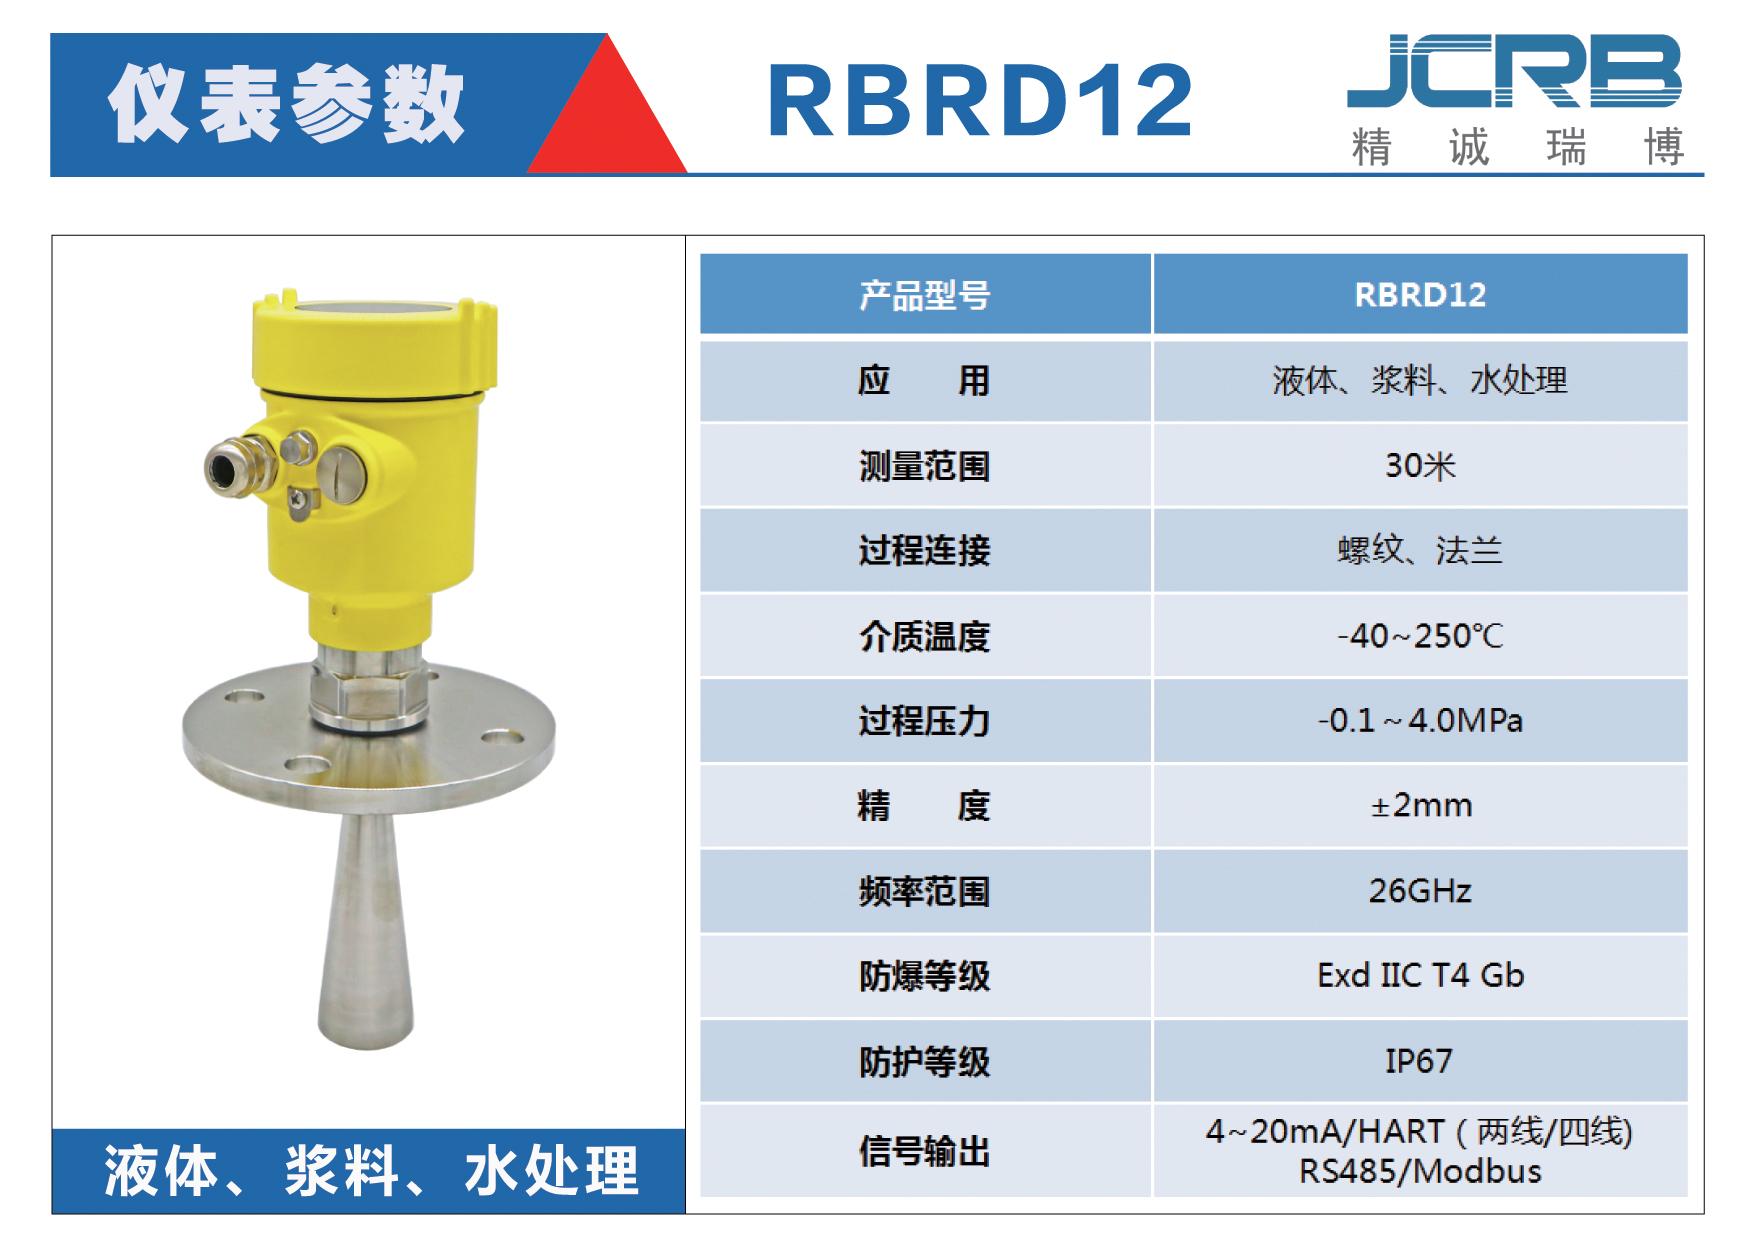 RBRD12